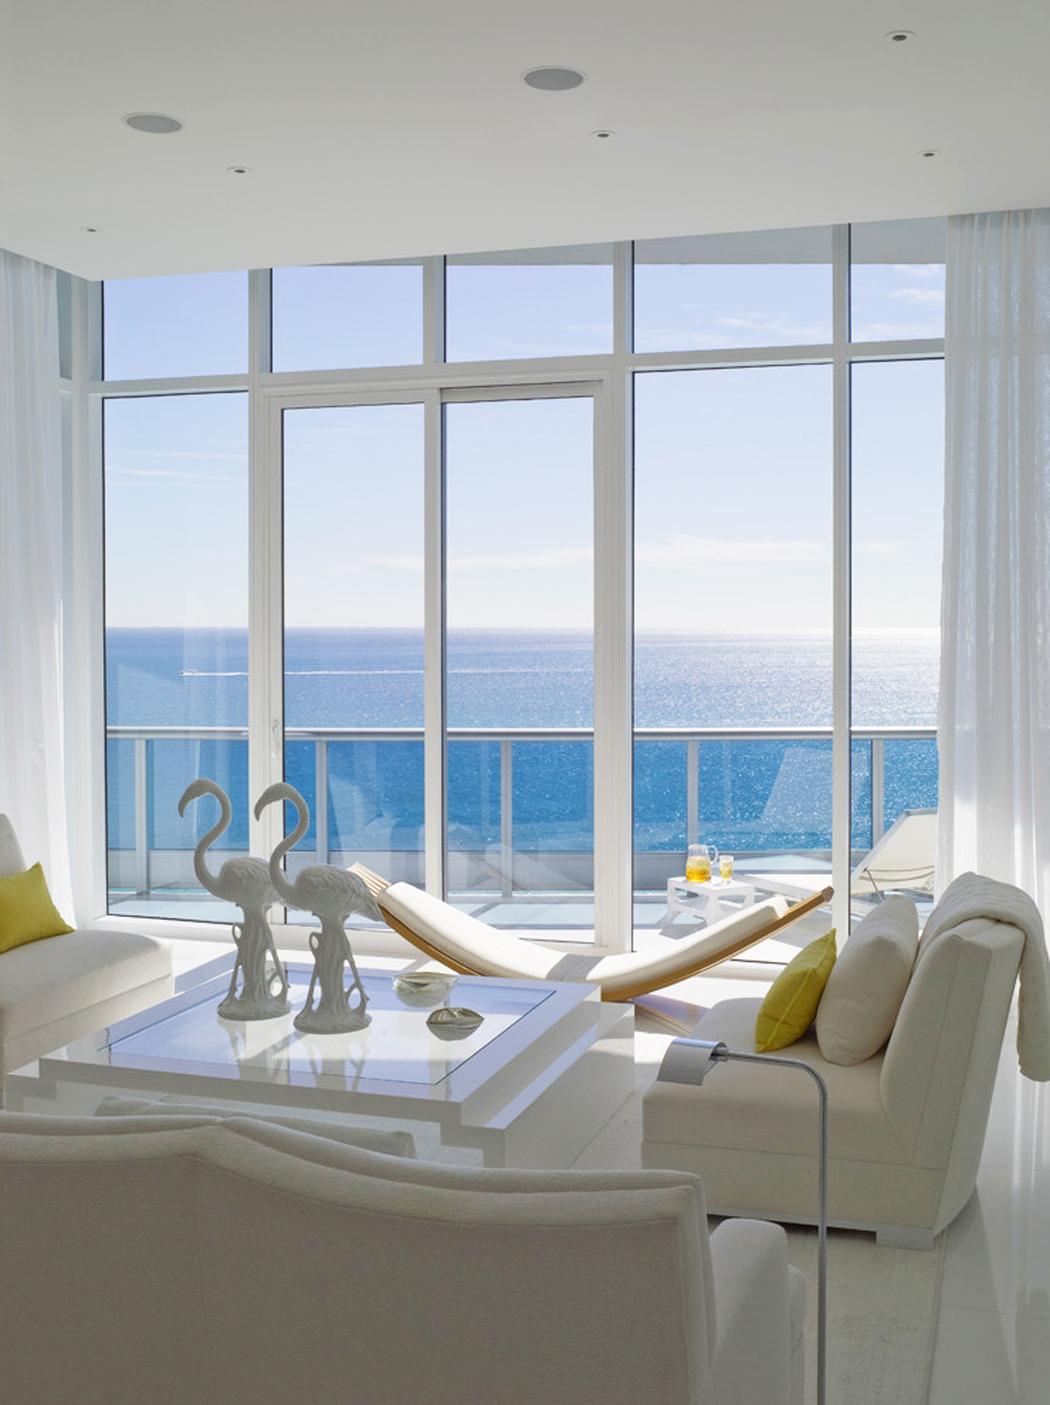 Magnifique appartement de vacances avec vue imprenable sur - Appartement de vacances jennifer post ...